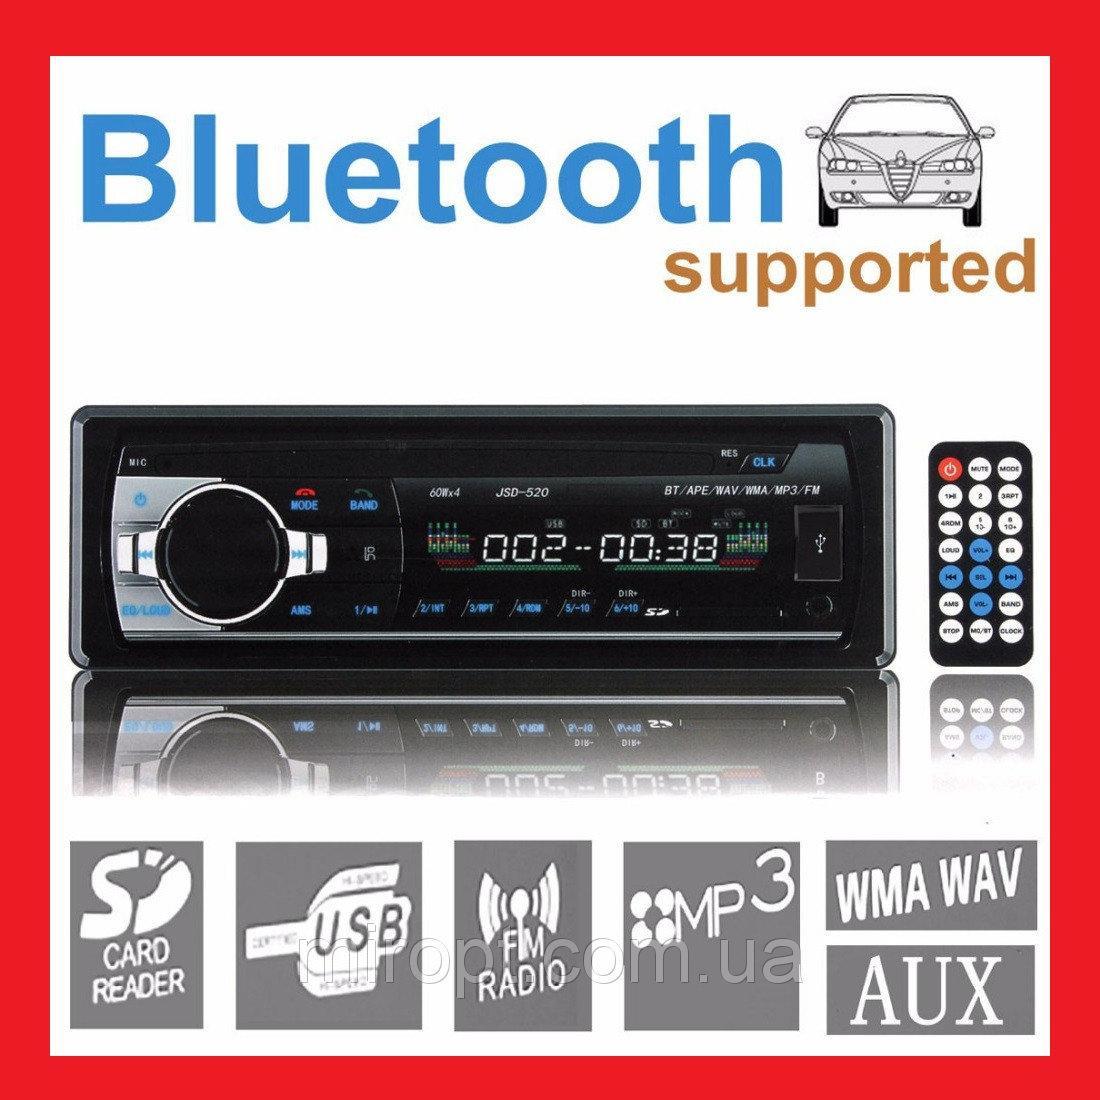 Мощная Автомагнитола с чистым  звуком JSD-520BT С USB И BLUETOOTH. Лучшая Цена!